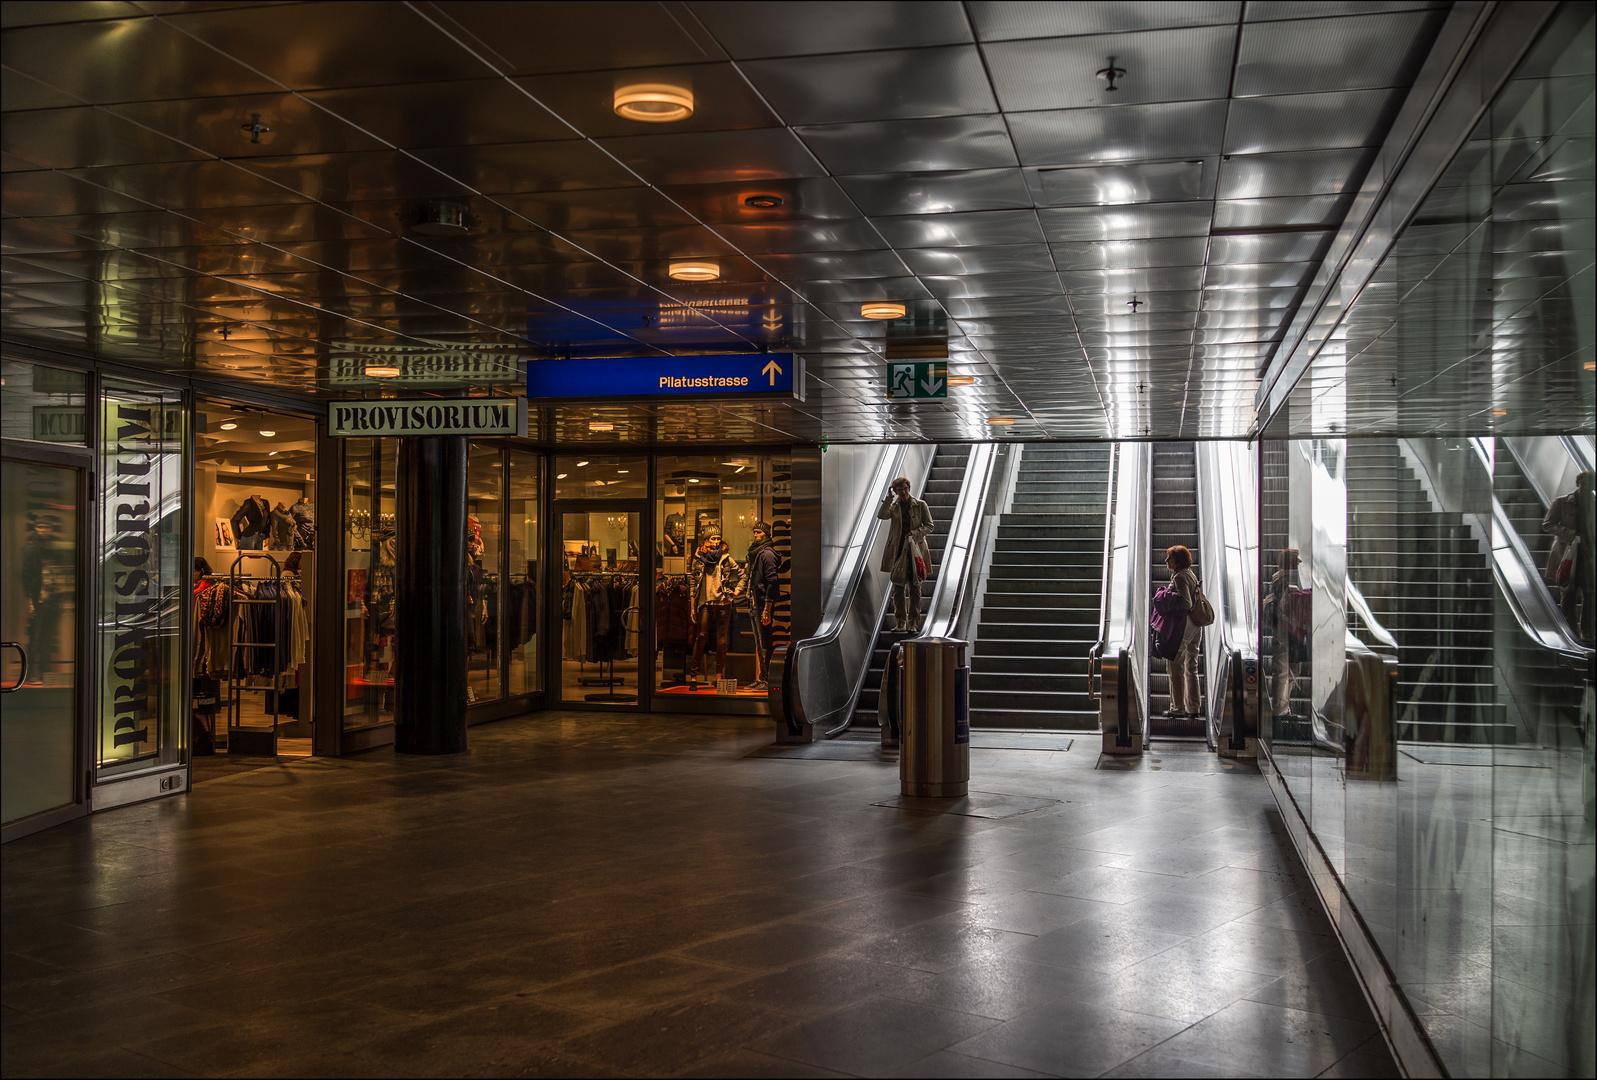 Bahnhof Unterführung in Luzern